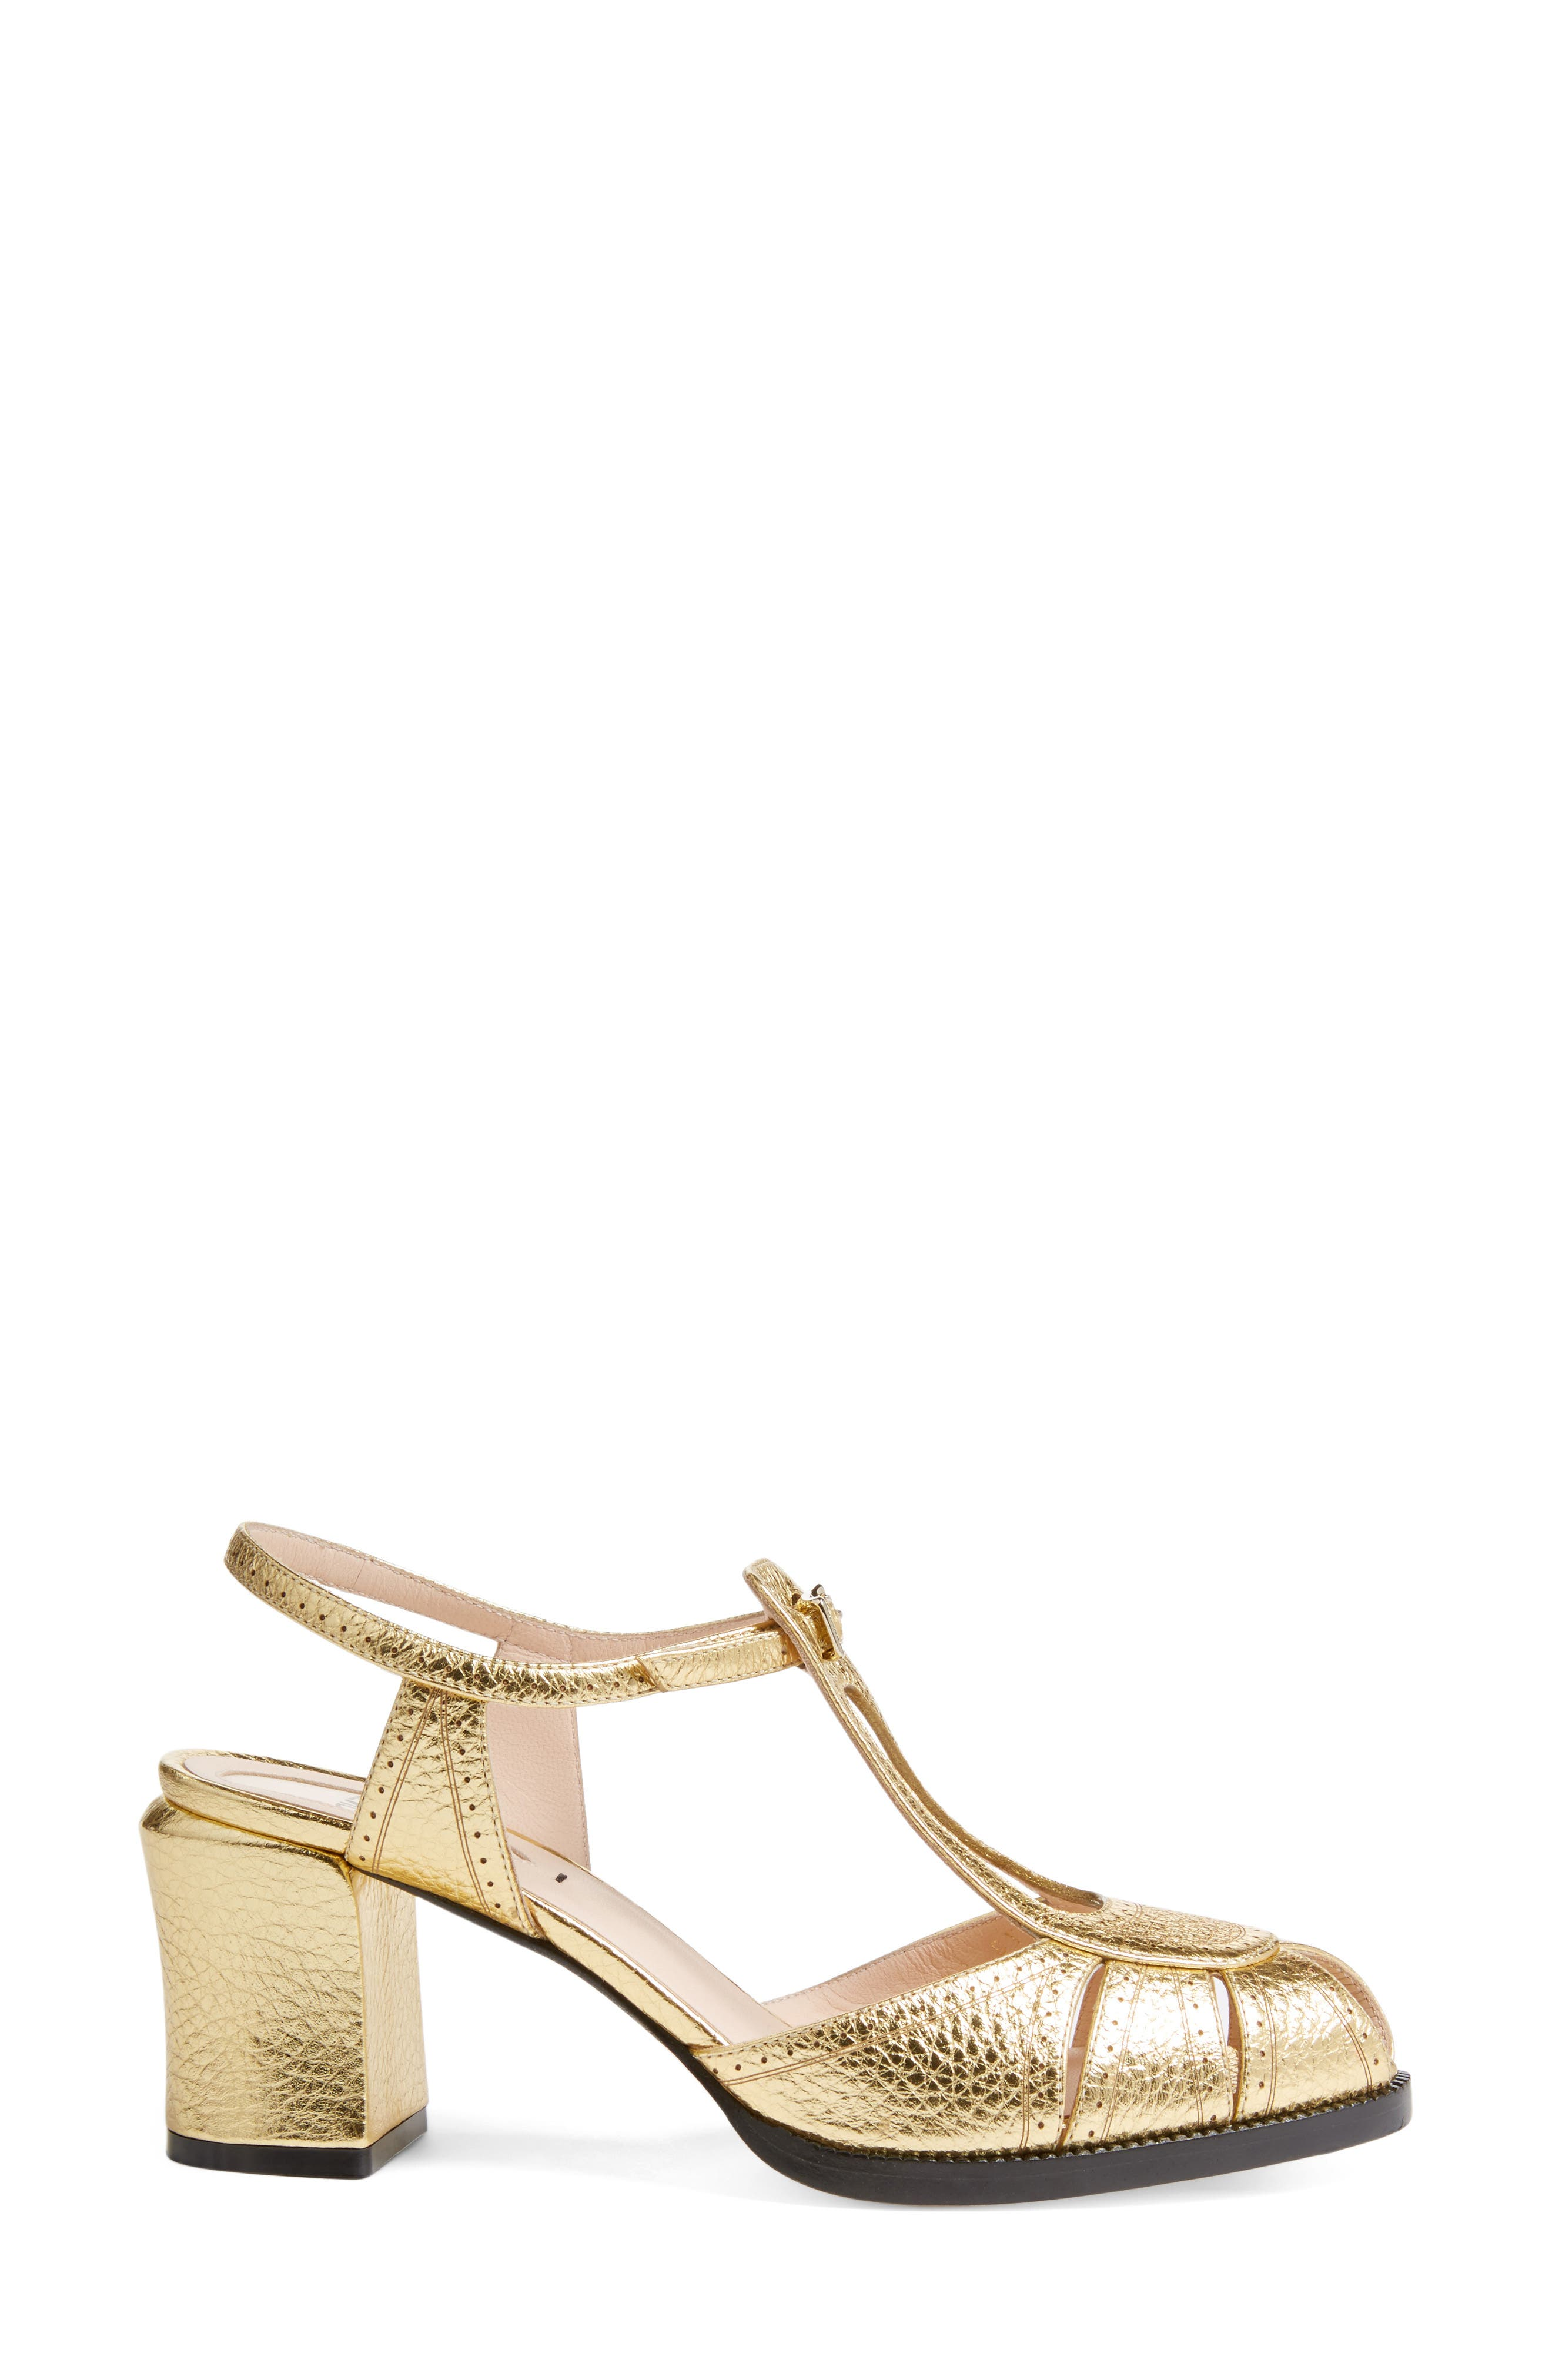 Alternate Image 3  - Fendi Chameleon Leather Sandal (Women)